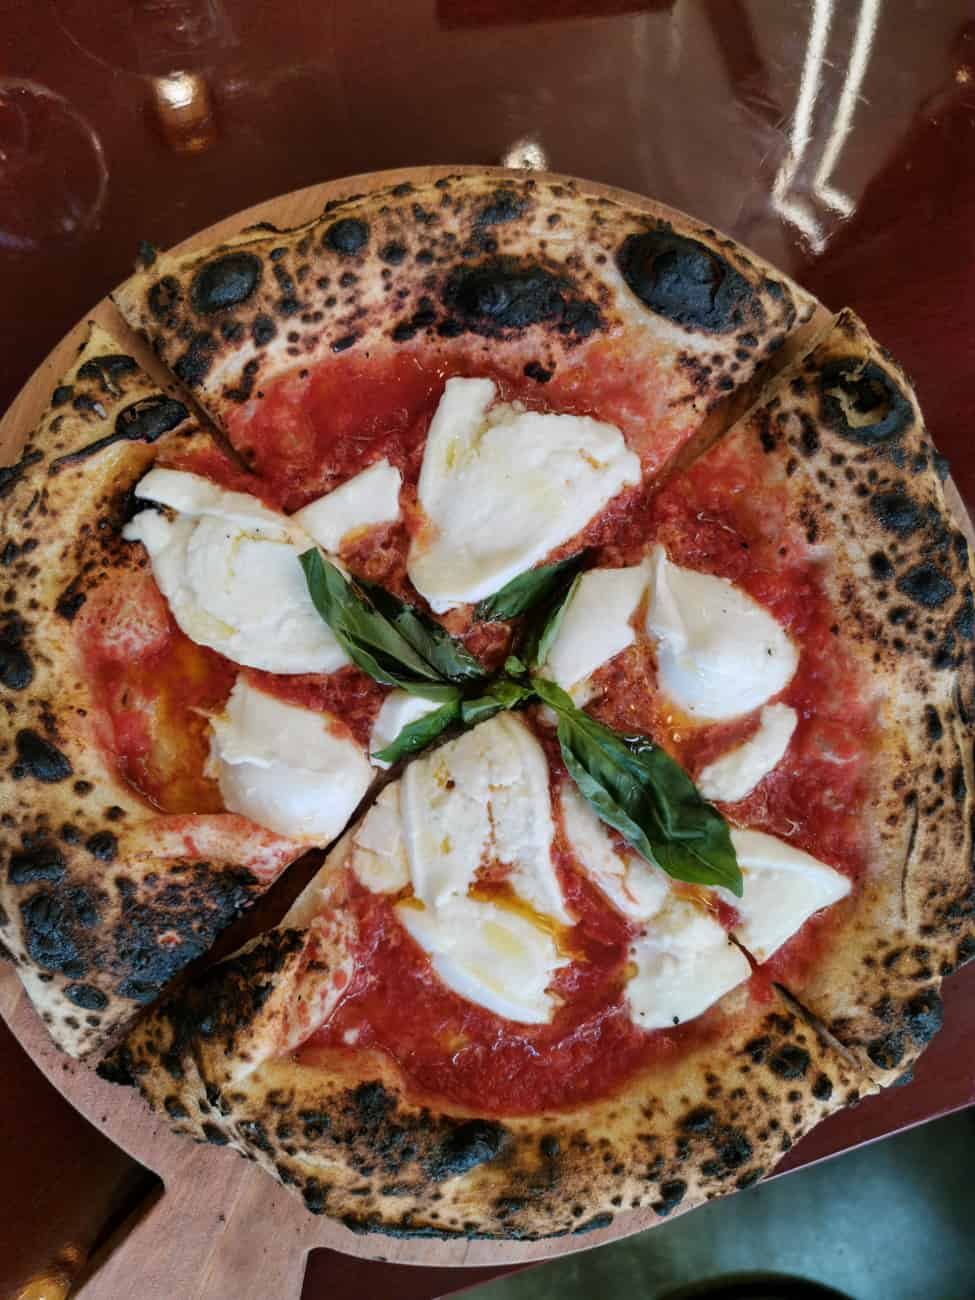 uno-restaurant-italien-pizzeria-les-halles-paris-12